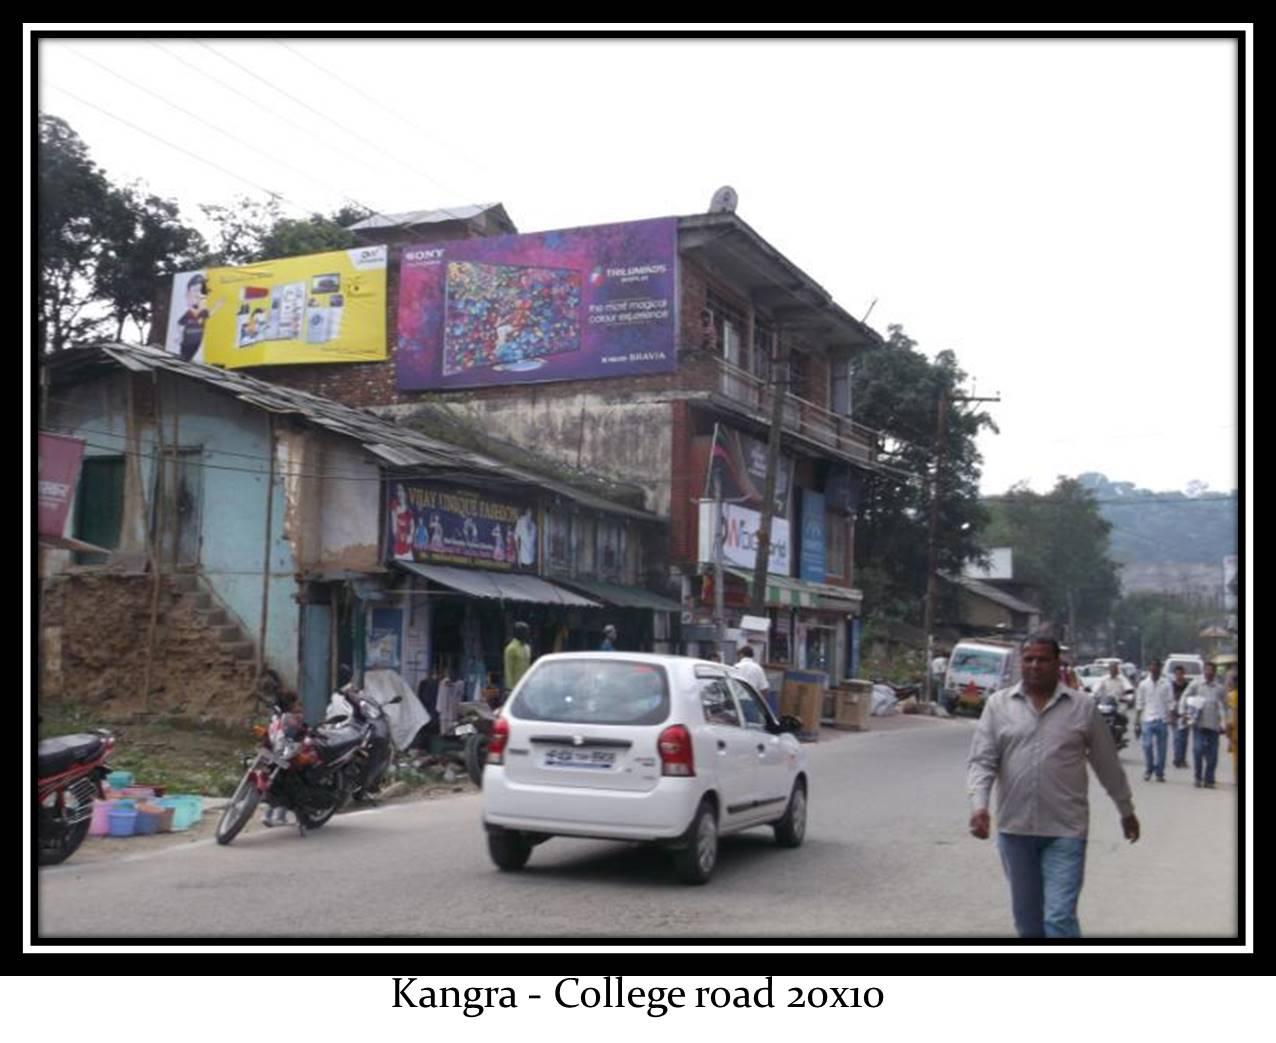 College road Market, Kangra